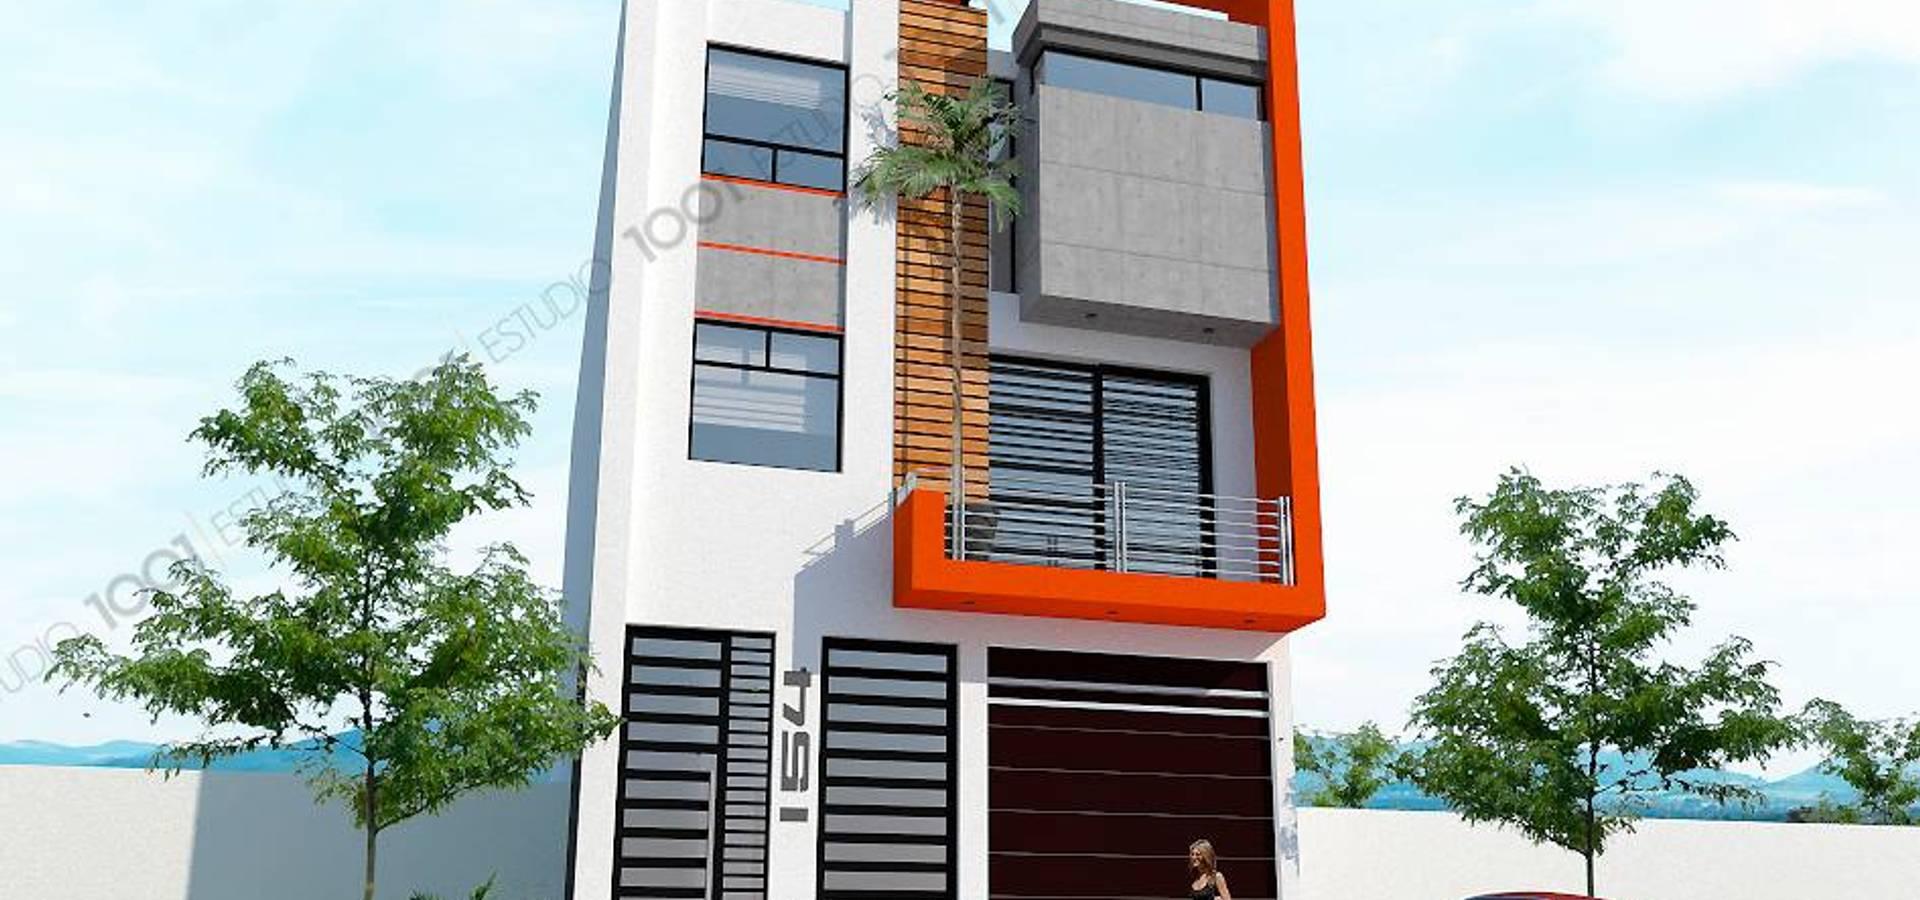 1001 ESTUDIO / Arquitectura